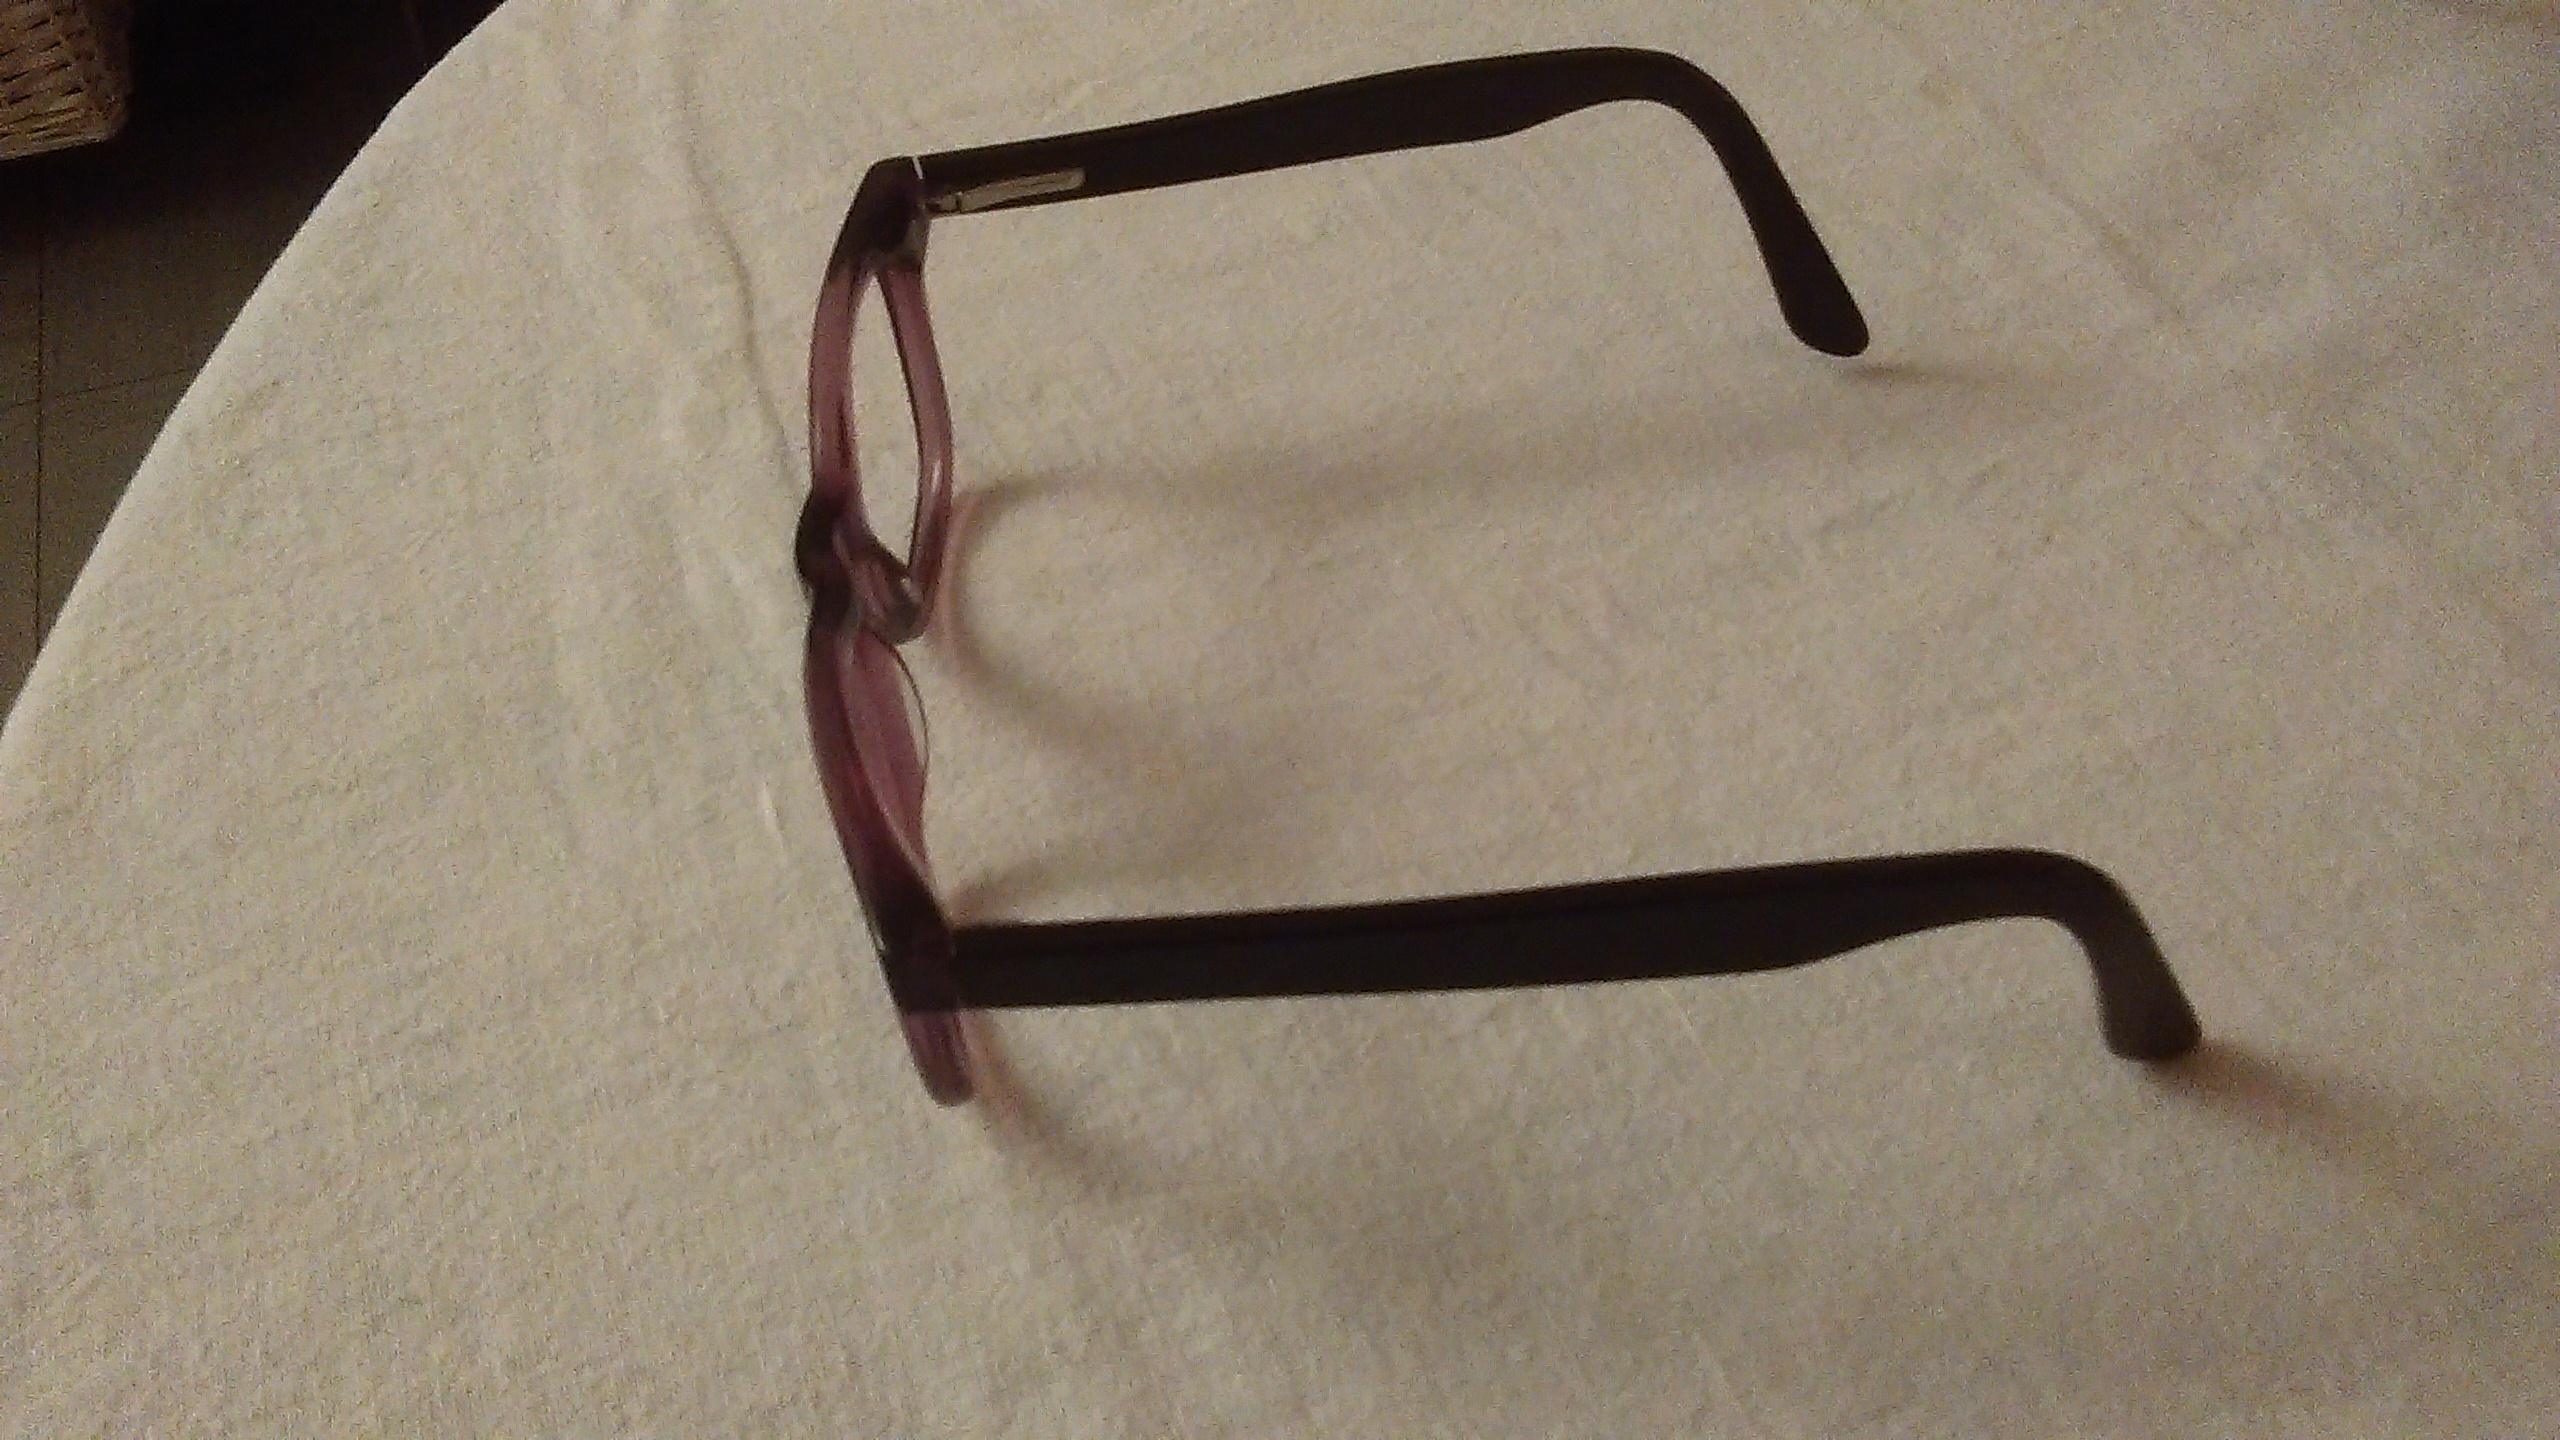 troc de troc montures de lunettes de vue ou soleil. image 2